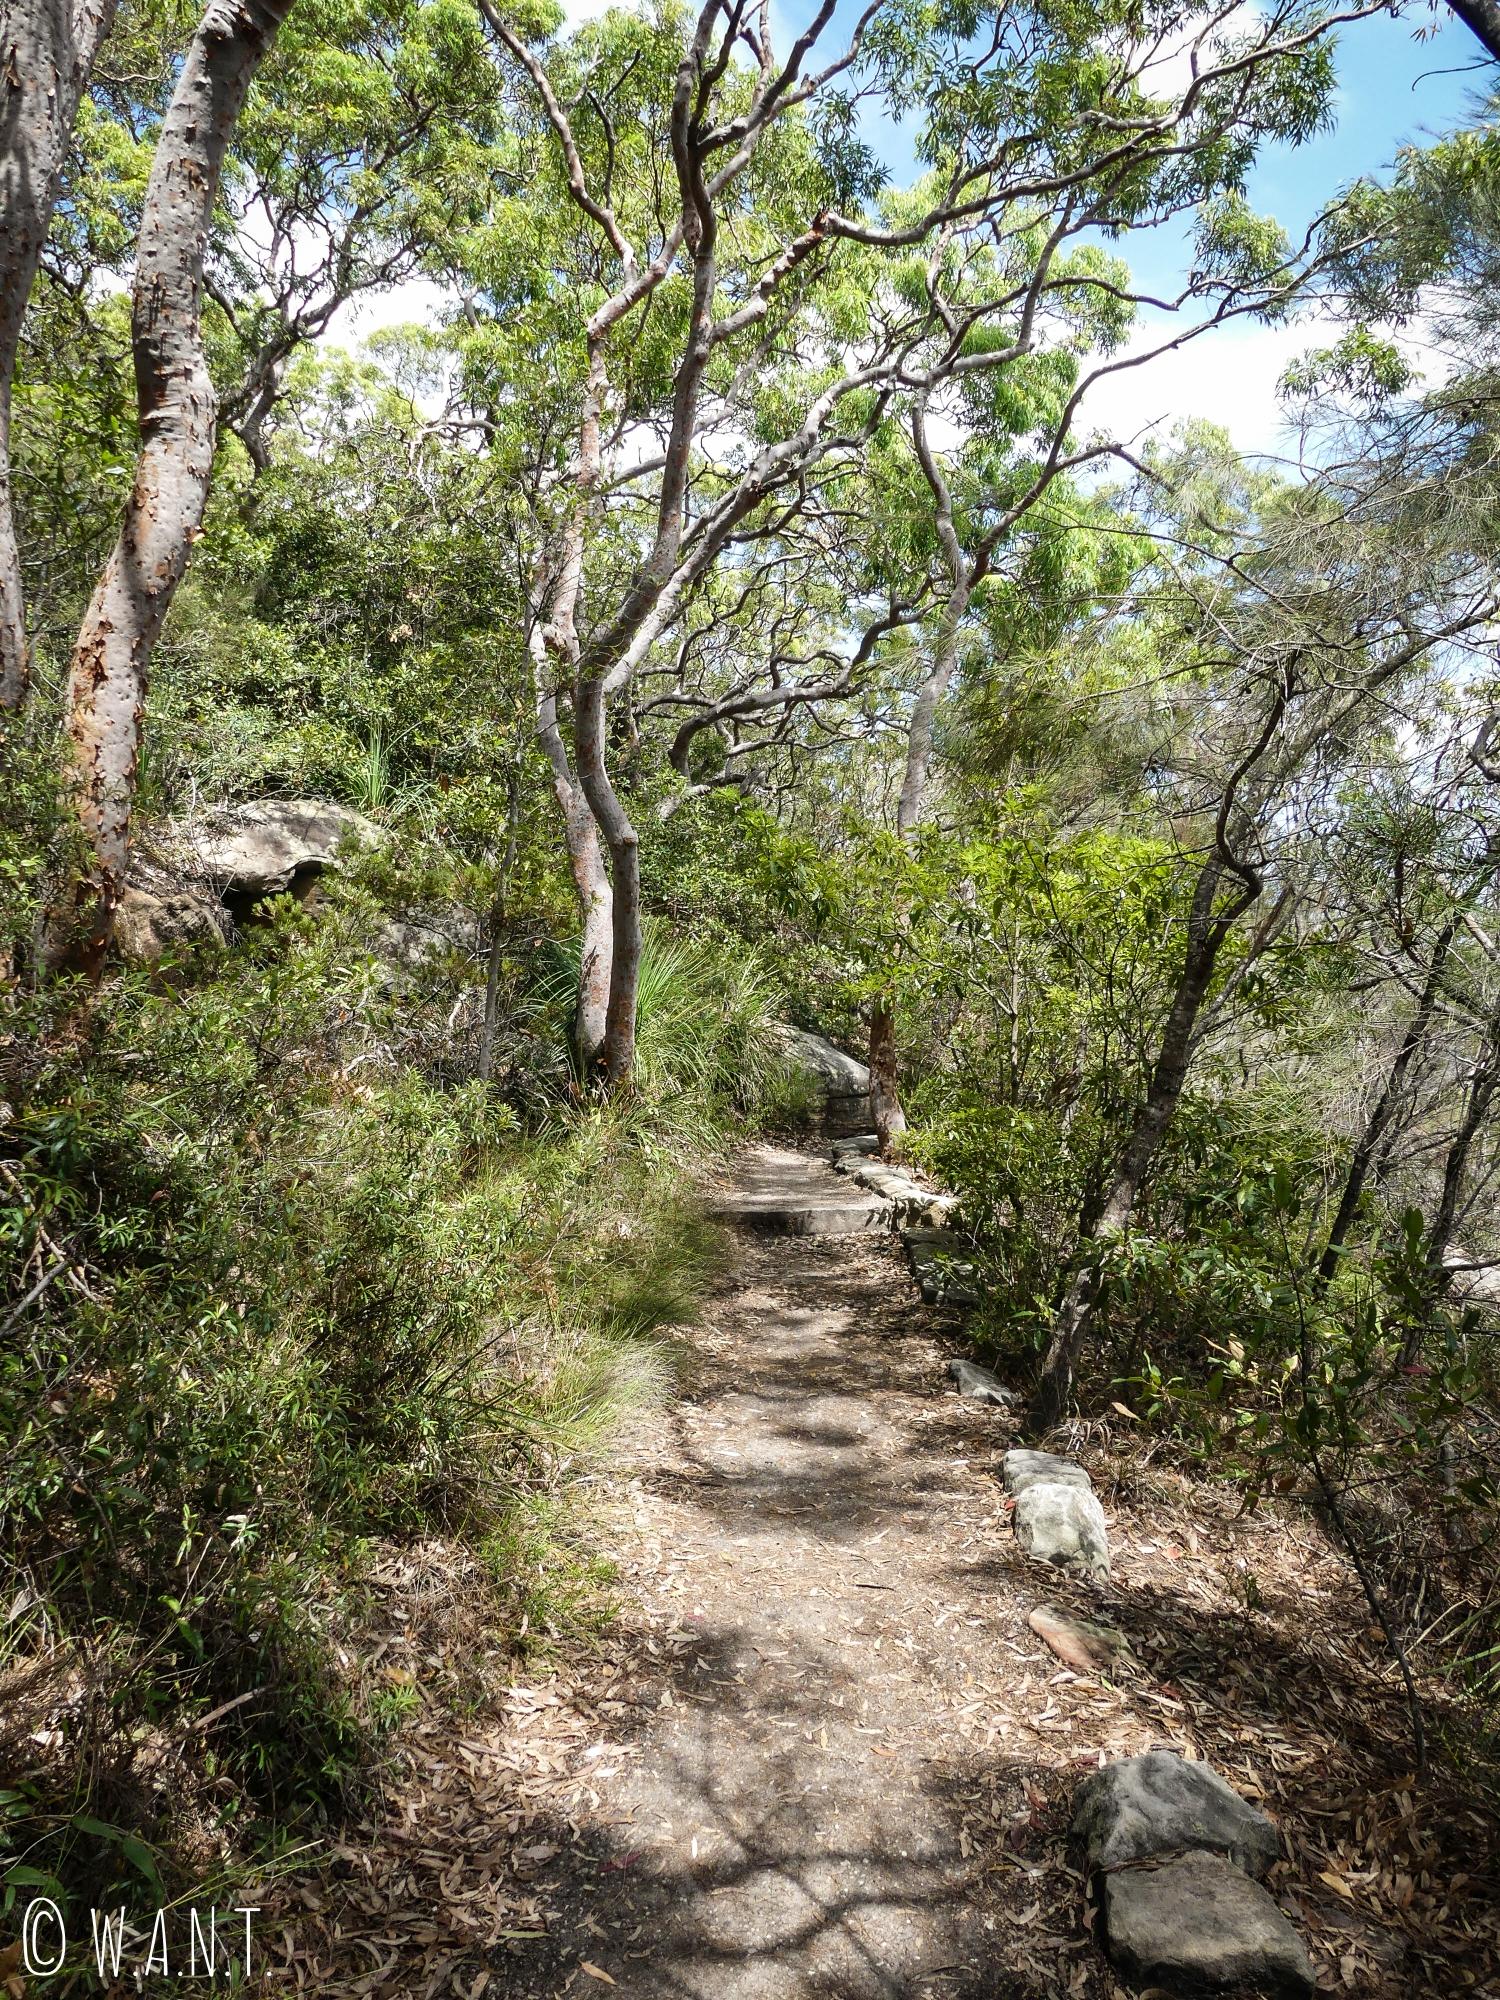 Une partie de la randonnée Manly Scenic Walkway nous fait passer à travers la végétation